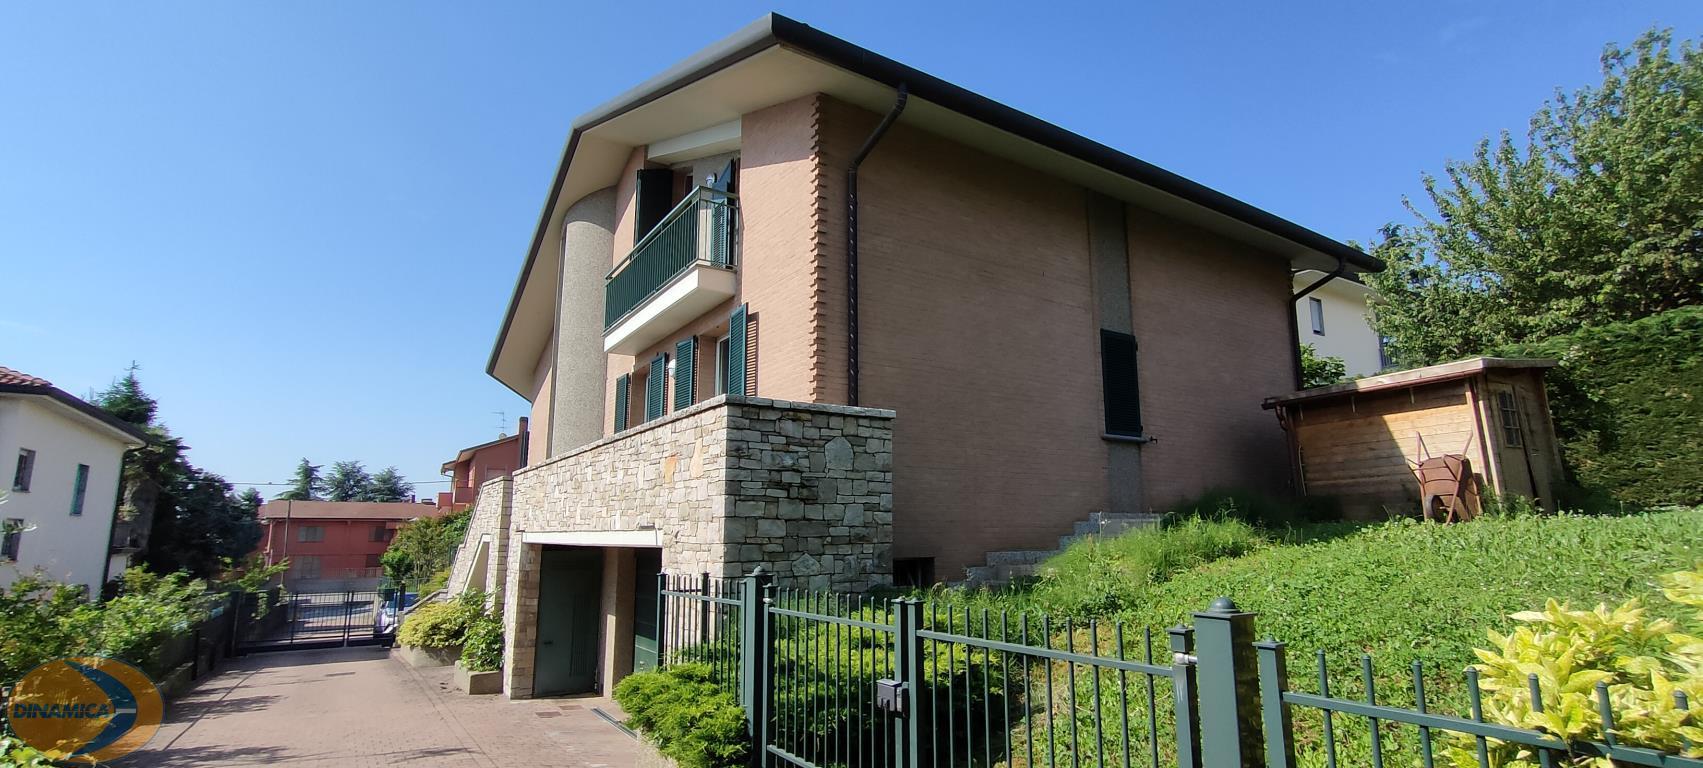 Appartamento in affitto a Casatenovo, 3 locali, zona Località: Residenziale, prezzo € 750   CambioCasa.it